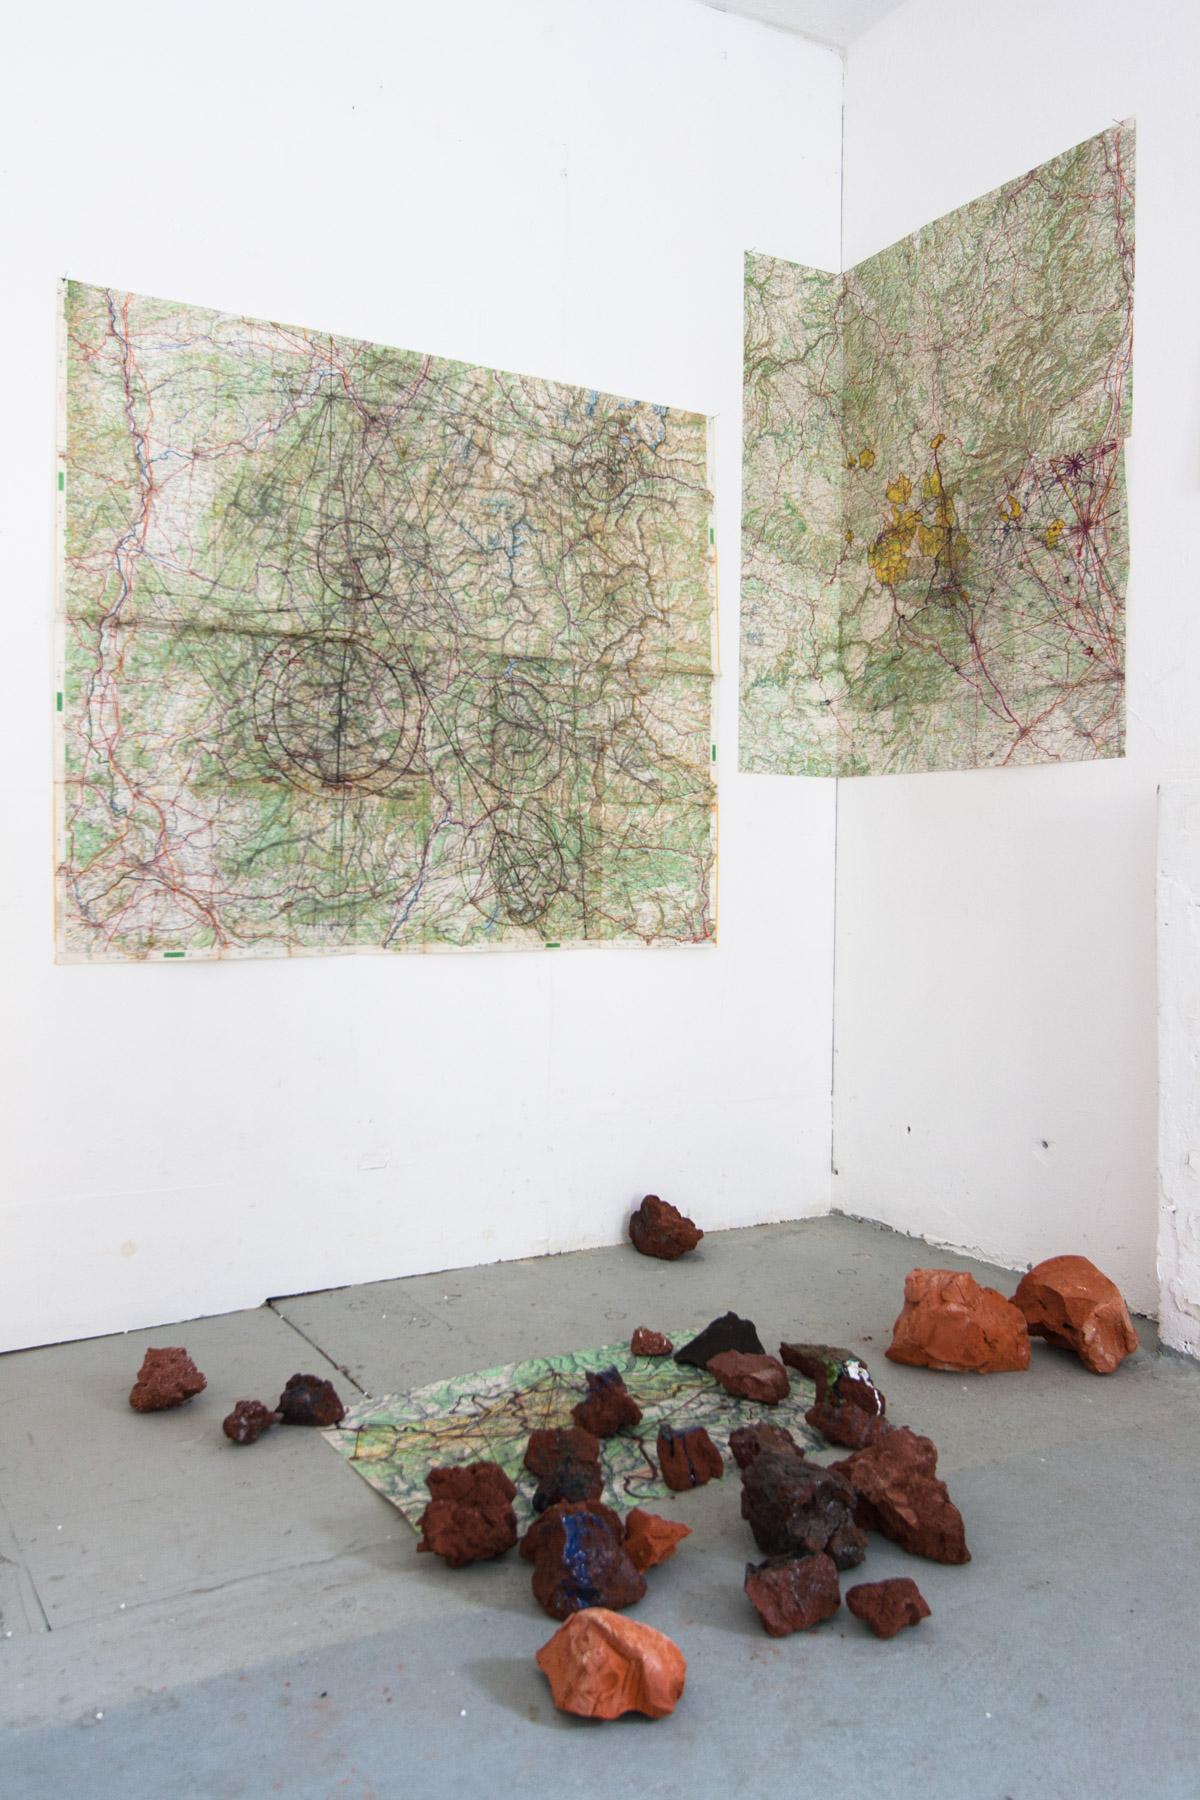 Elena Khurtova Cephea's whispering stones